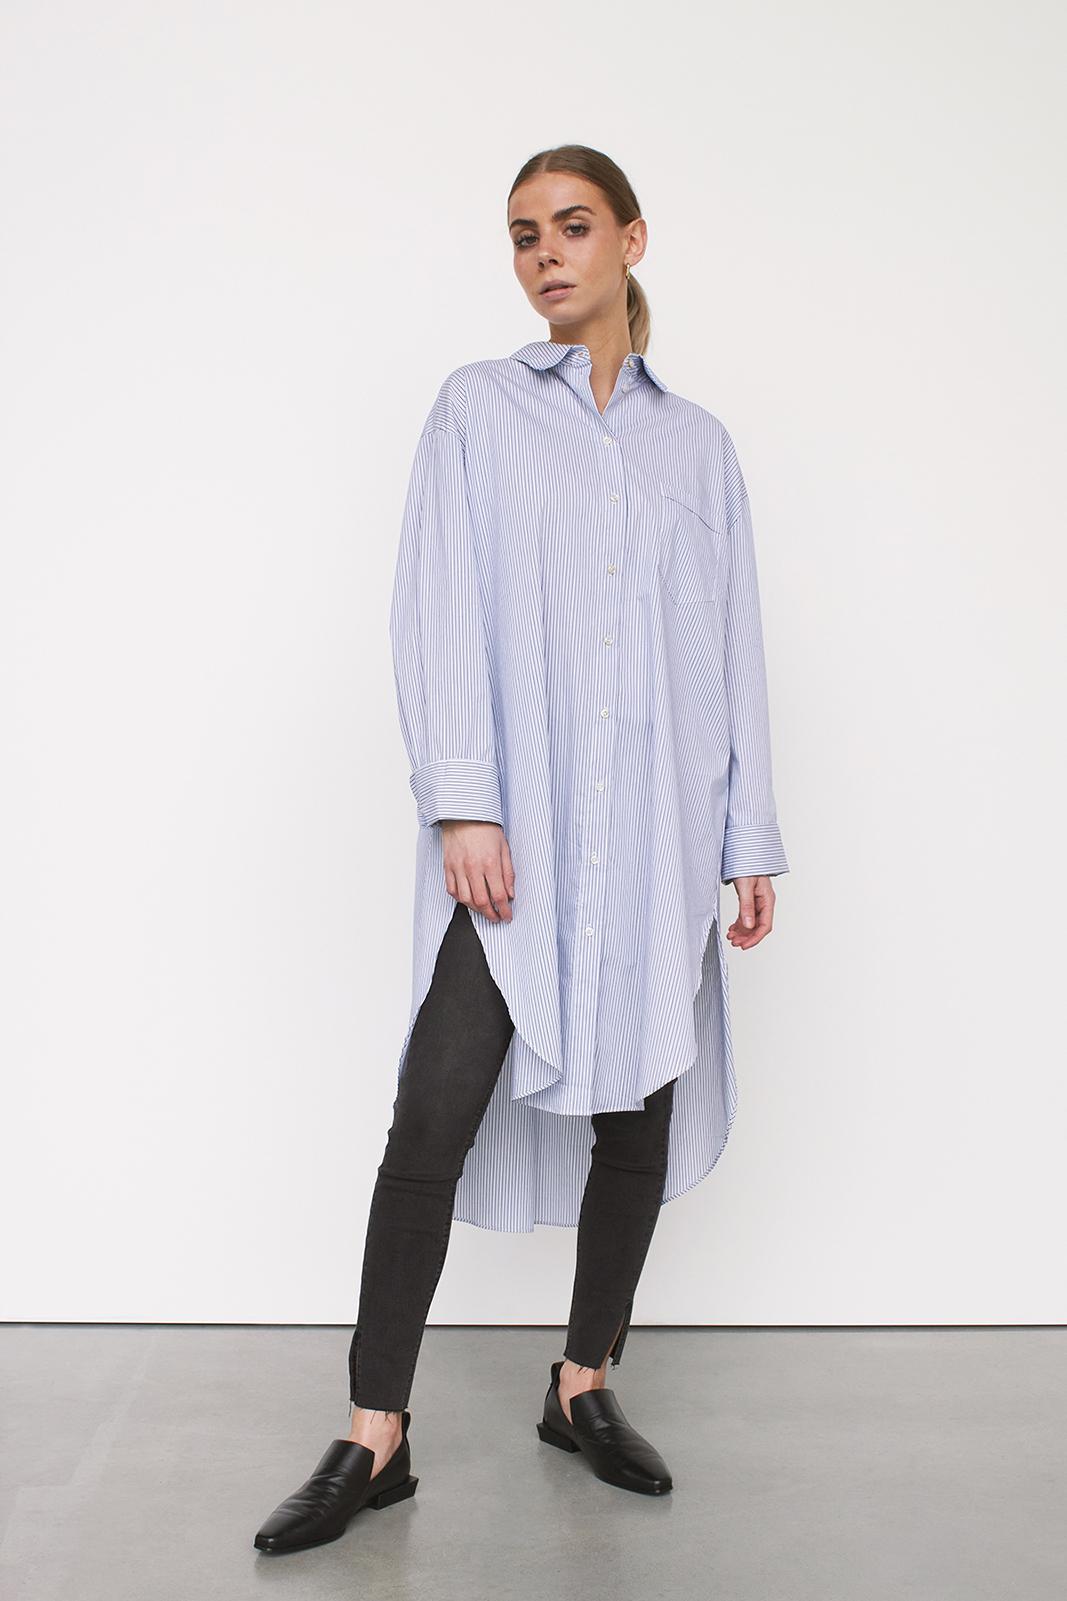 1 DRESS X 4 LOOKS